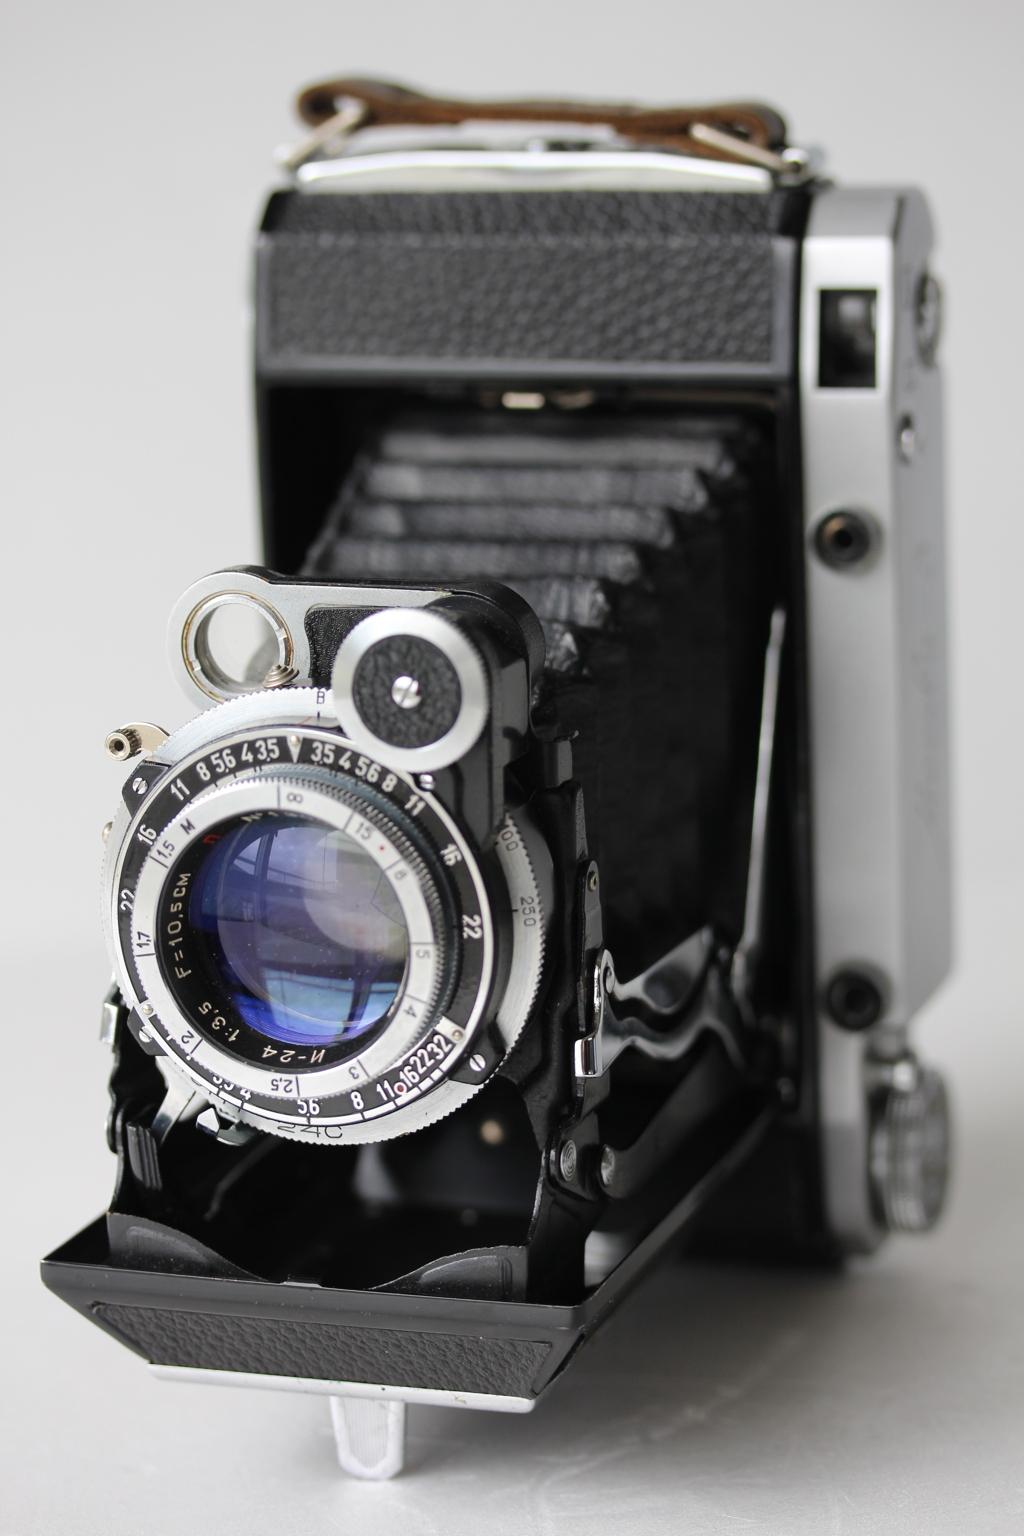 別れたカメラ達シリーズ-➅ ソ連が盗んだドイツの技術力(モスクワ5)